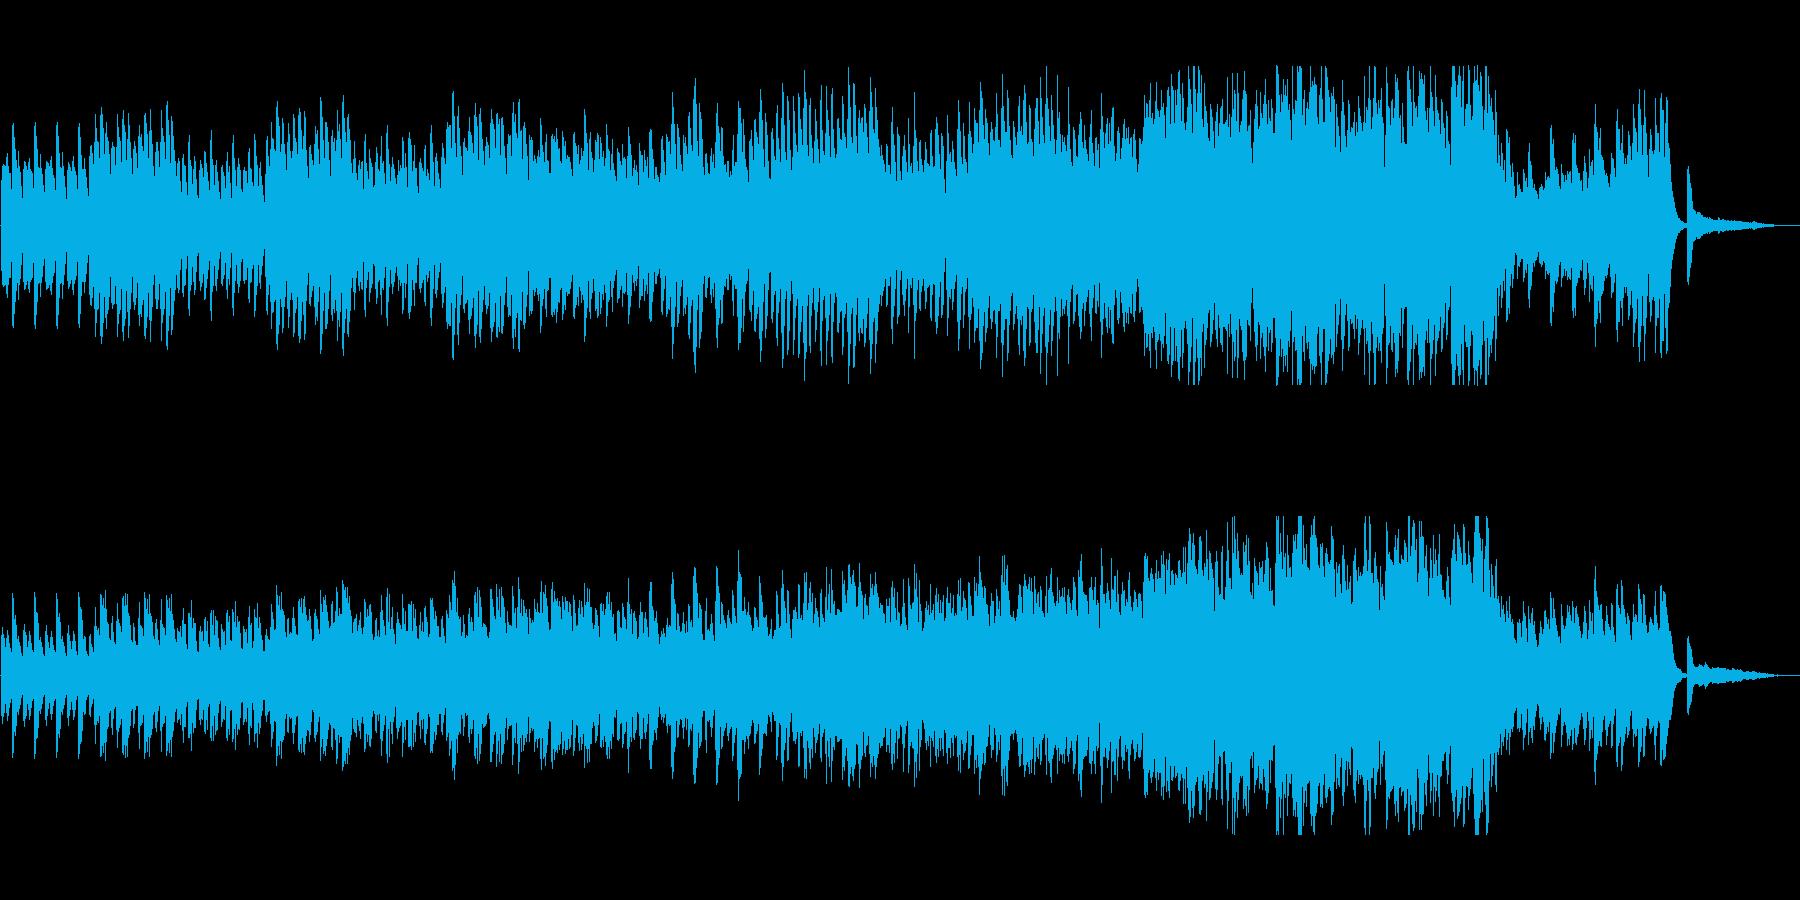 ピアノの単調な繰り返しが印象的なポップスの再生済みの波形